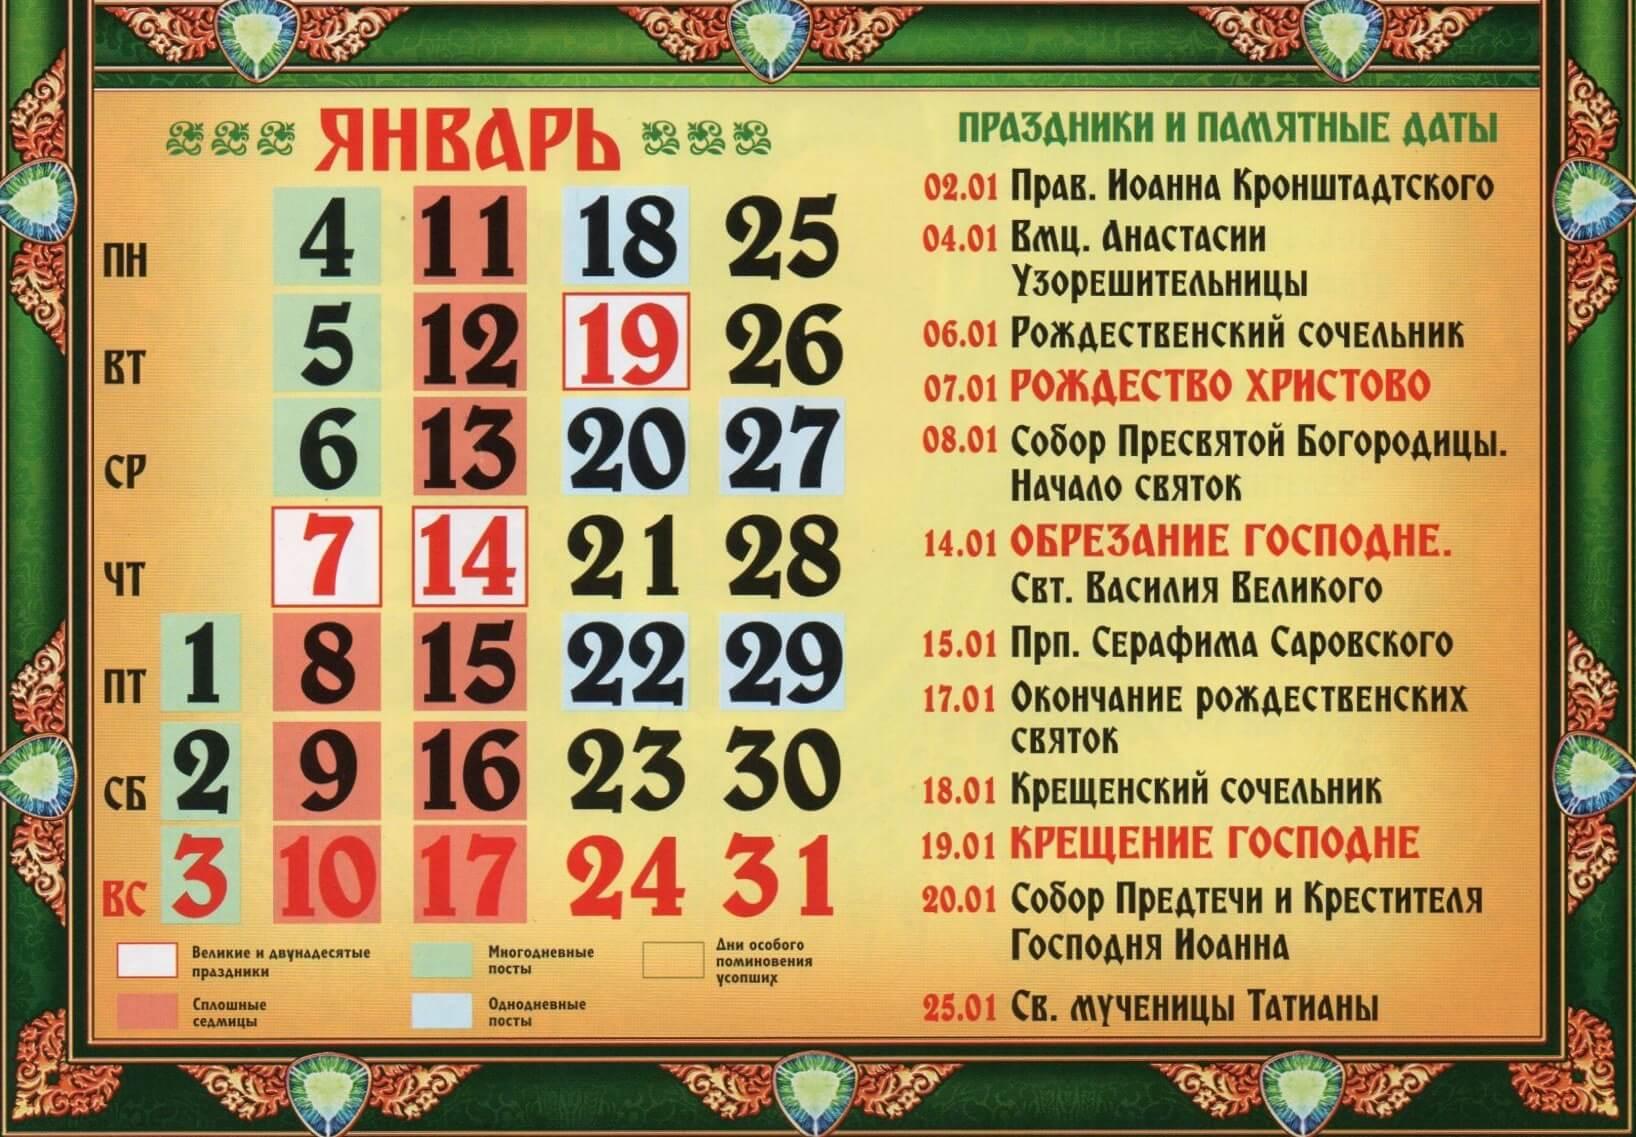 Православные церковные праздники и посты в январе 2021 года